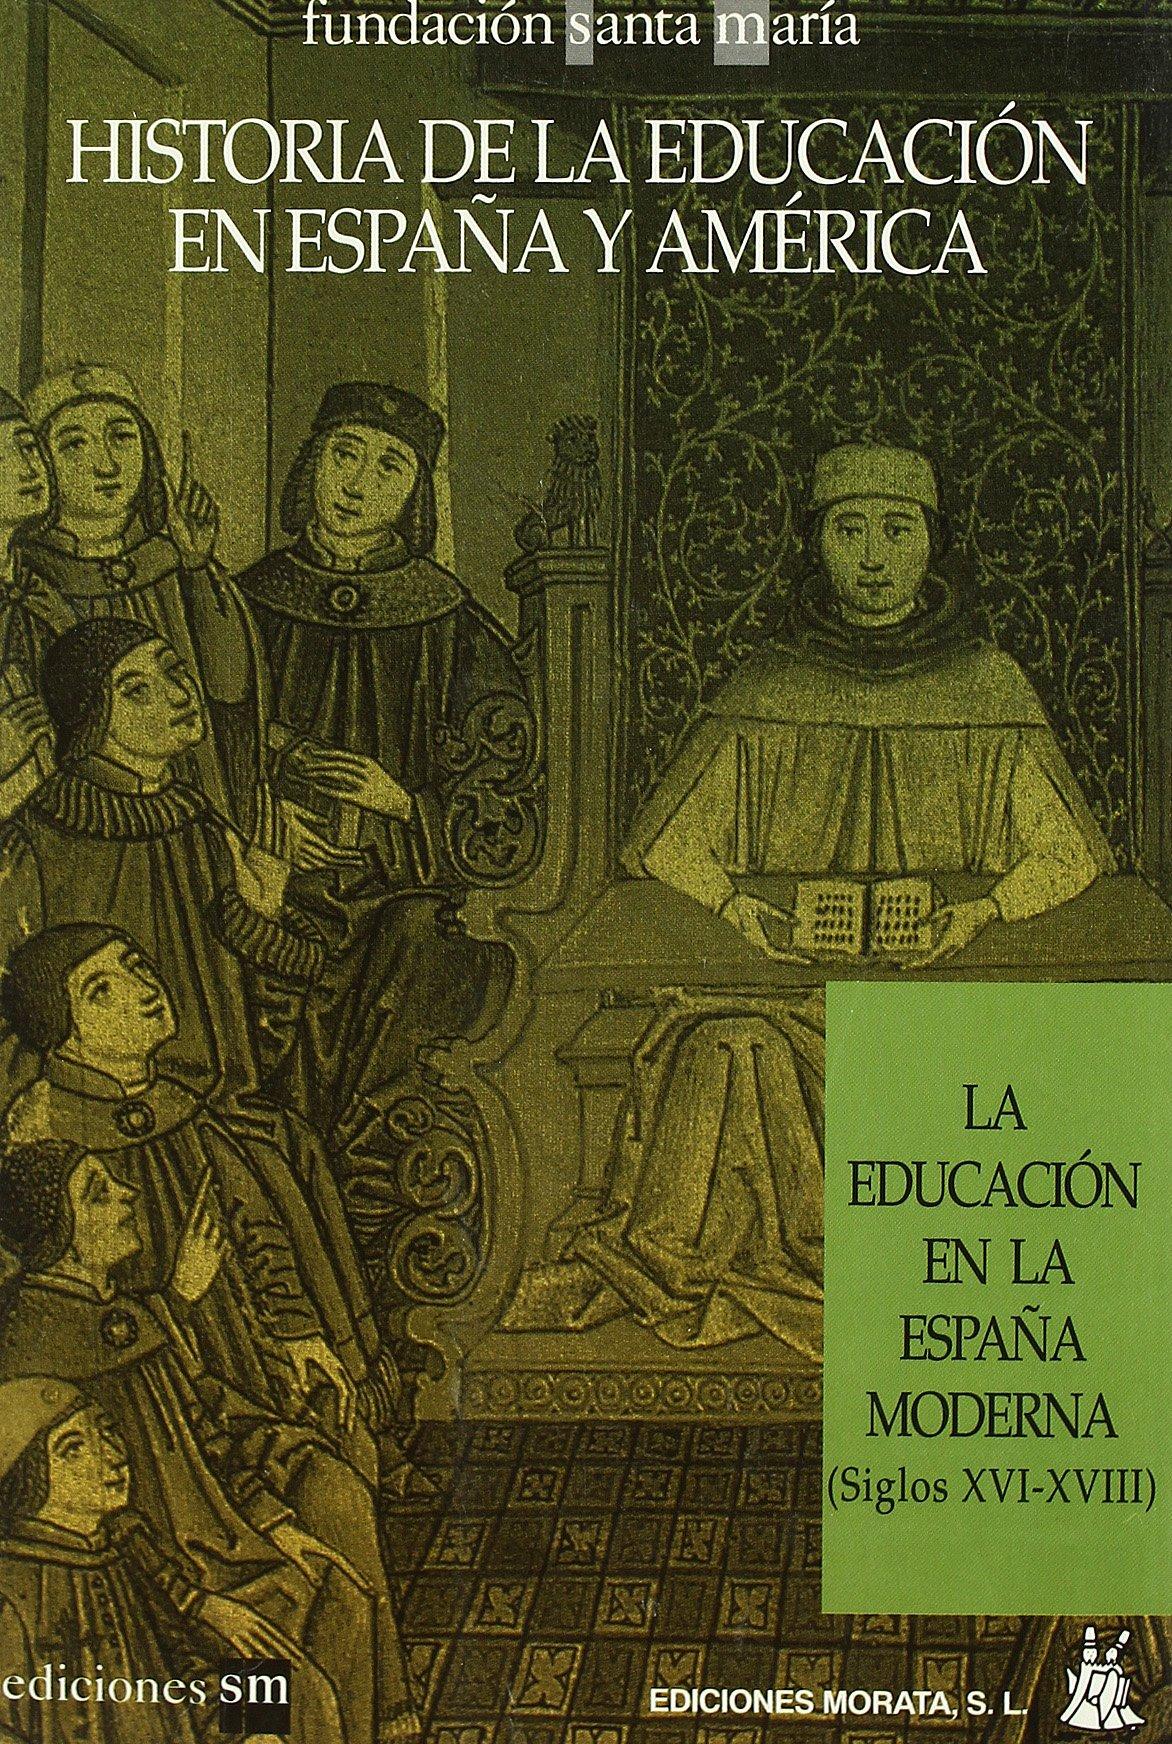 La educación en la España moderna: Amazon.es: Delgado, B.: Libros